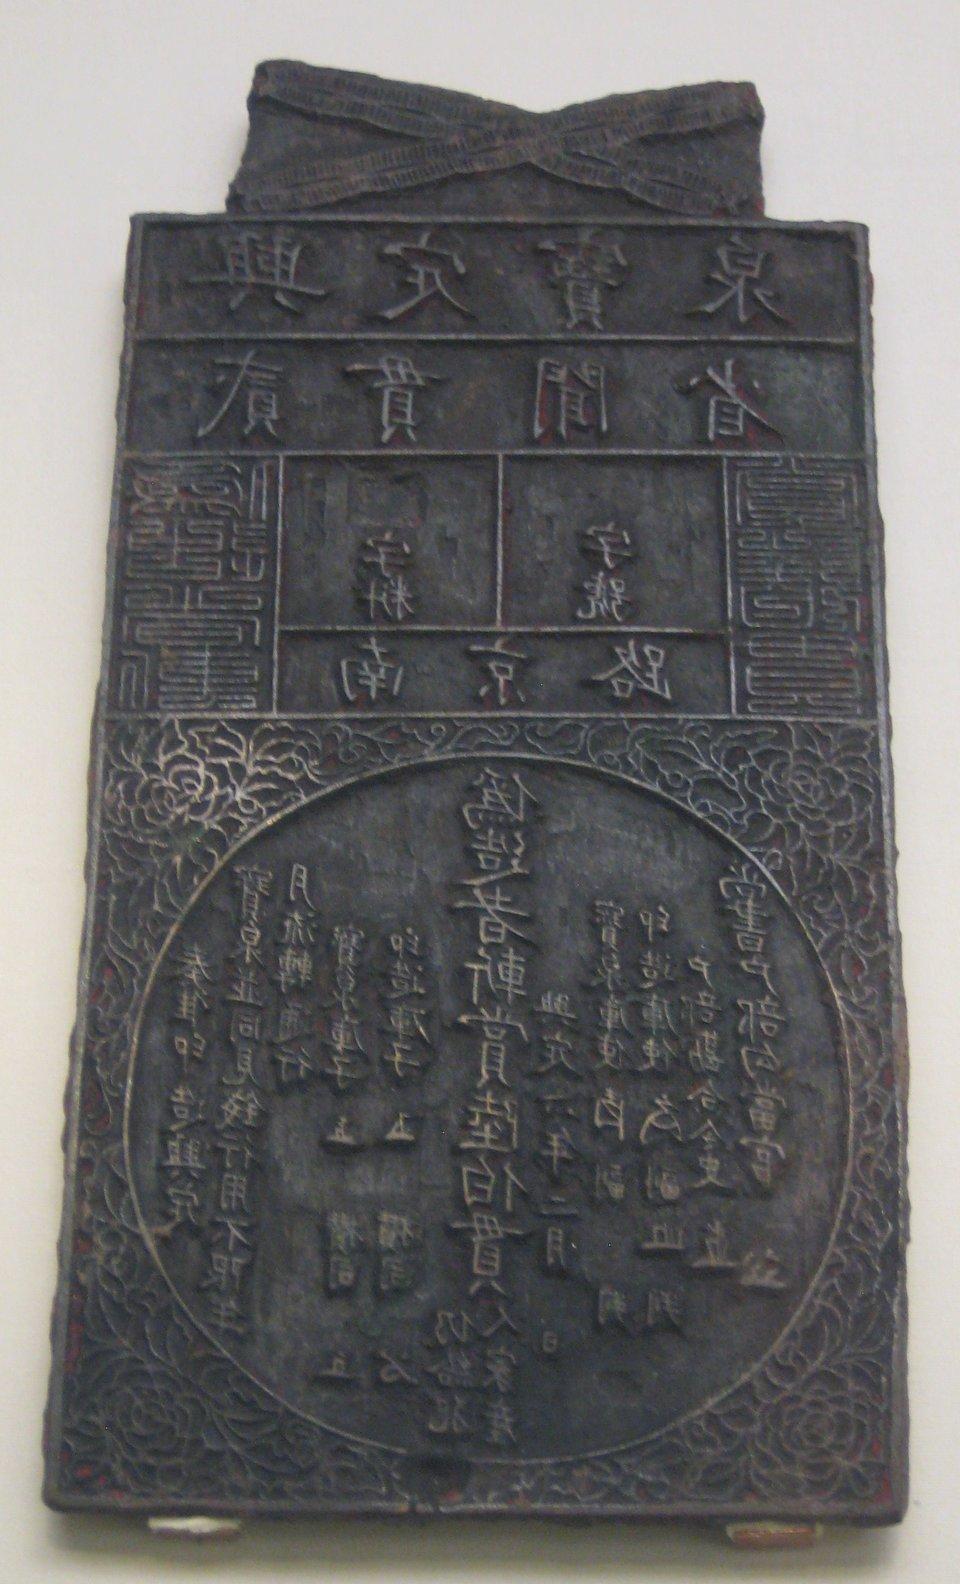 Chińska płyta Źródło: BabelStone, Chińska płyta, licencja: CC BY-SA 3.0.